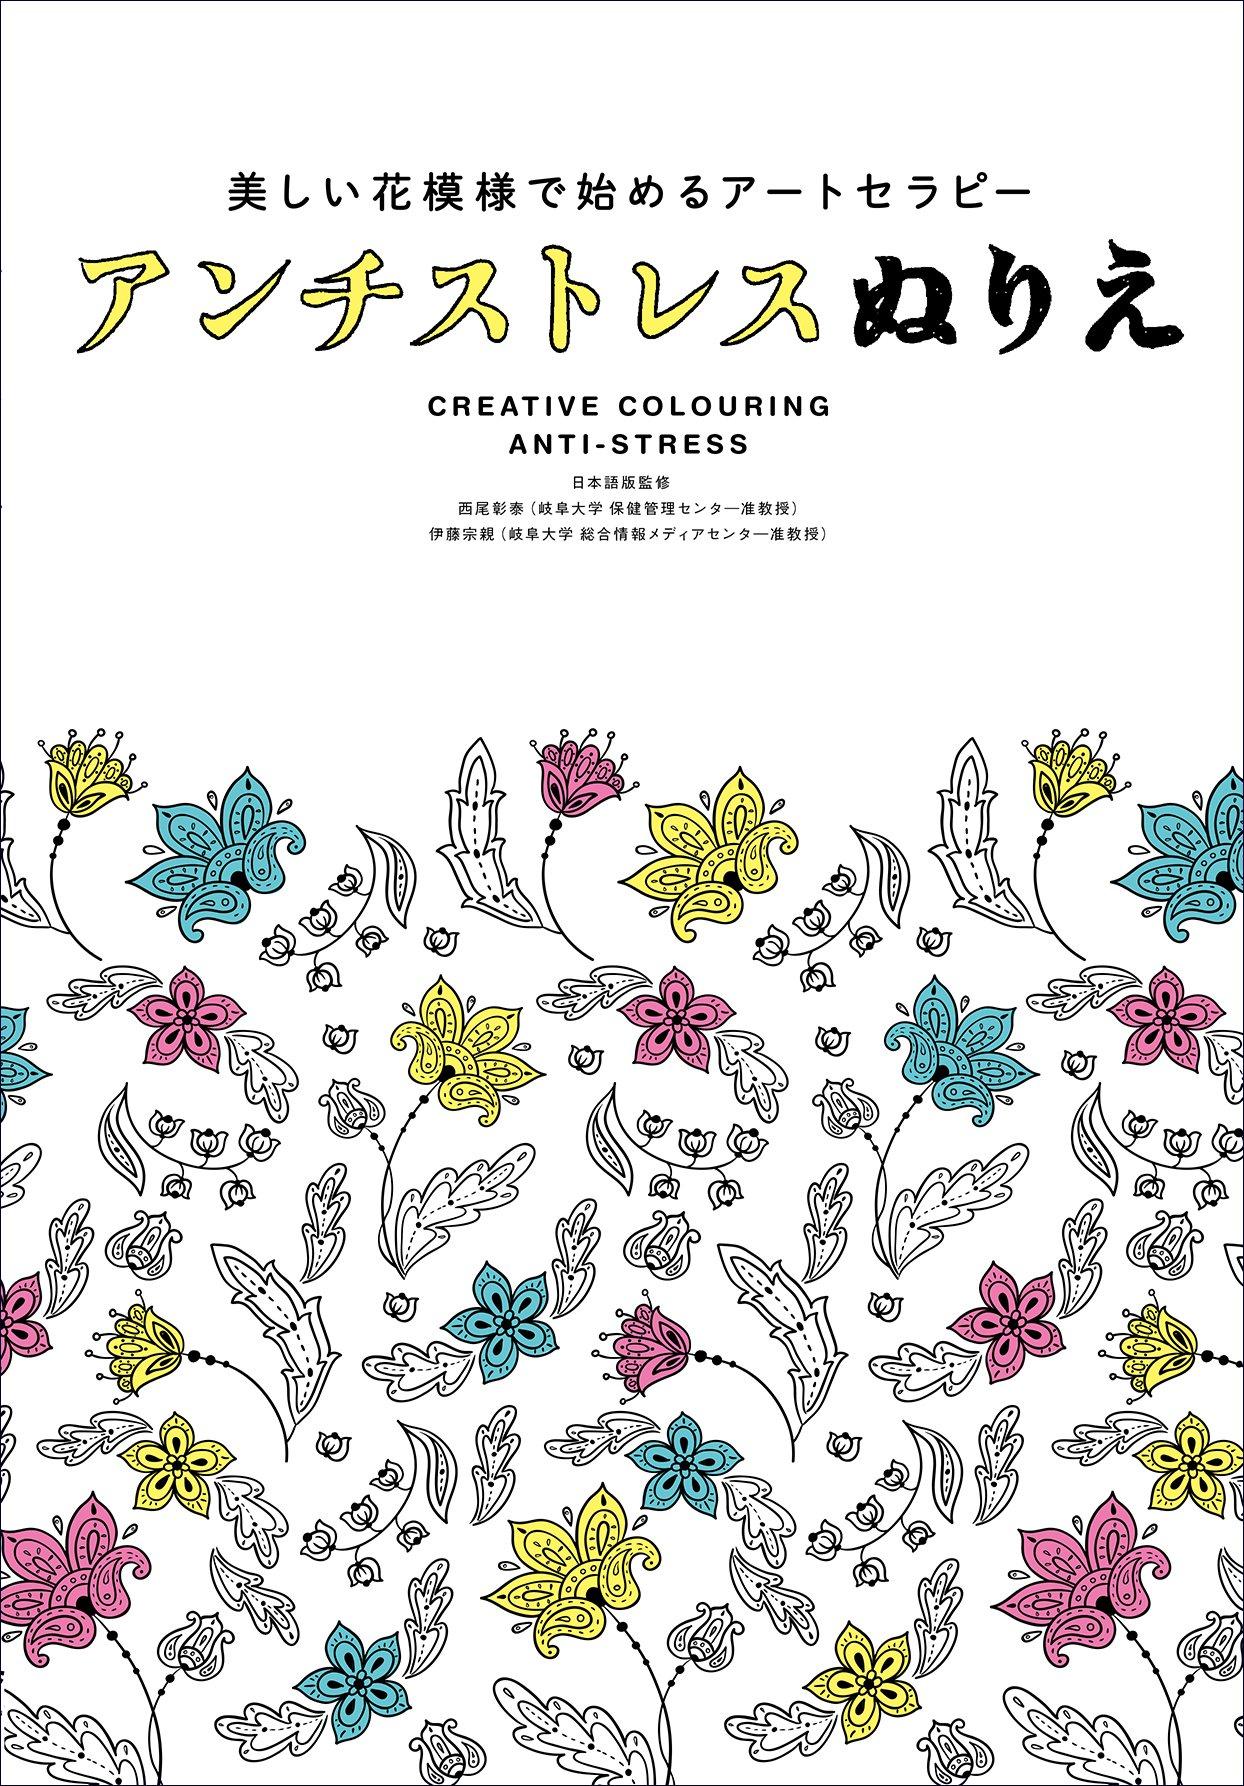 美しい花模様で始めるアートセラピー アンチストレスぬりえ 西尾彰泰